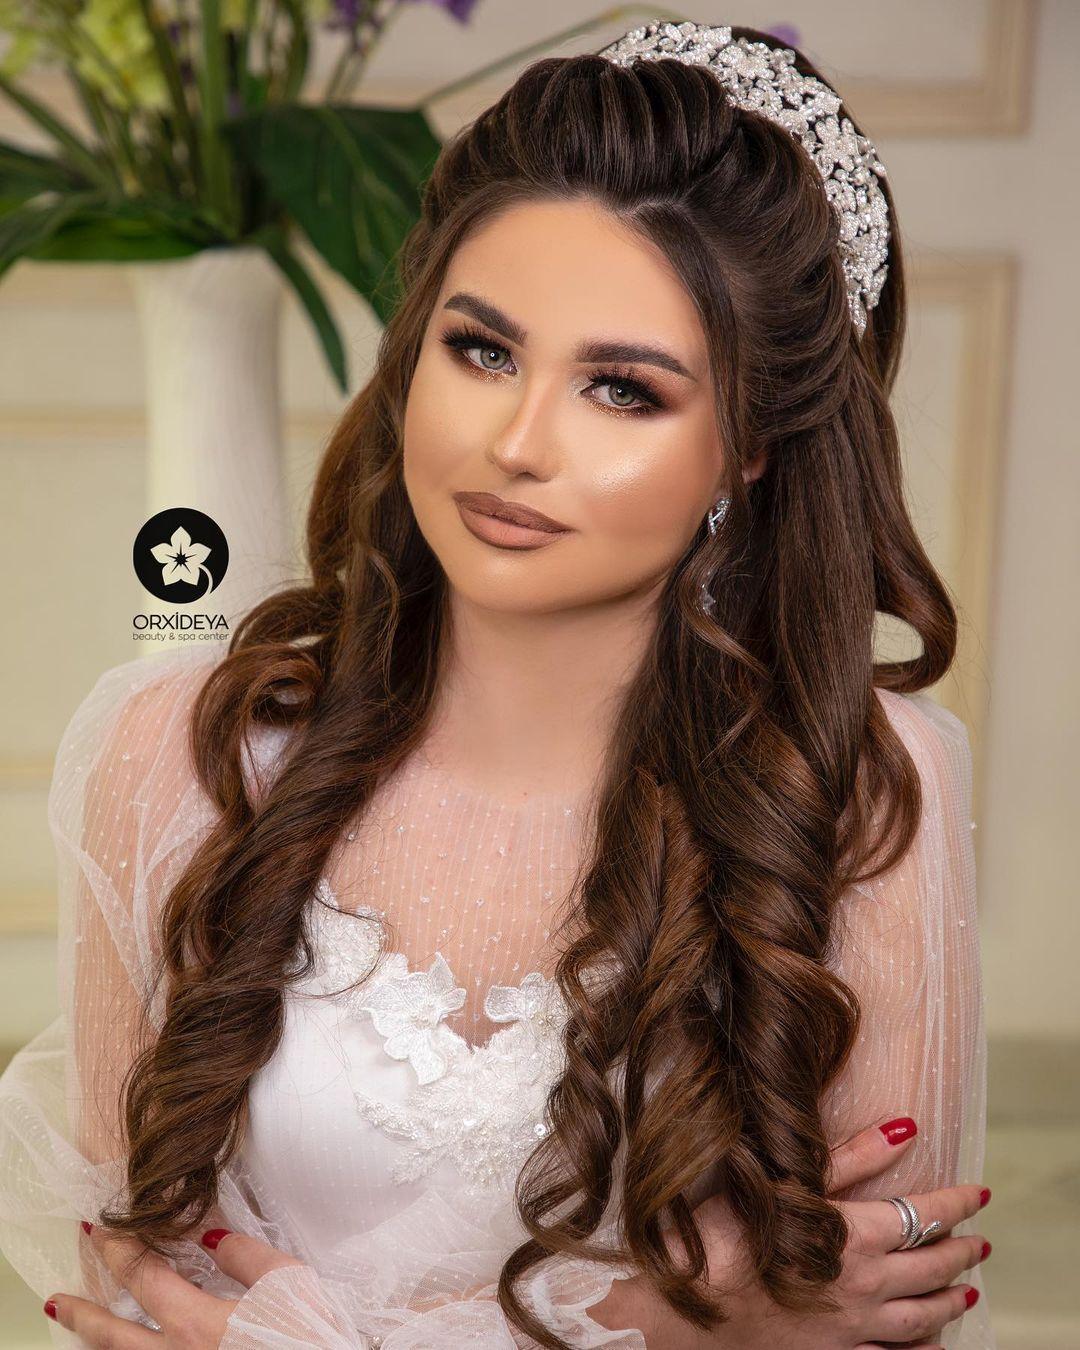 283 Likes 4 Comments Gelin Sac Makiyaj Wedding Orxideyabeauty Vip On Instagram Sac Duzumu Solmazabdulzade Makiy In 2021 Instagram Fashion Crown Jewelry